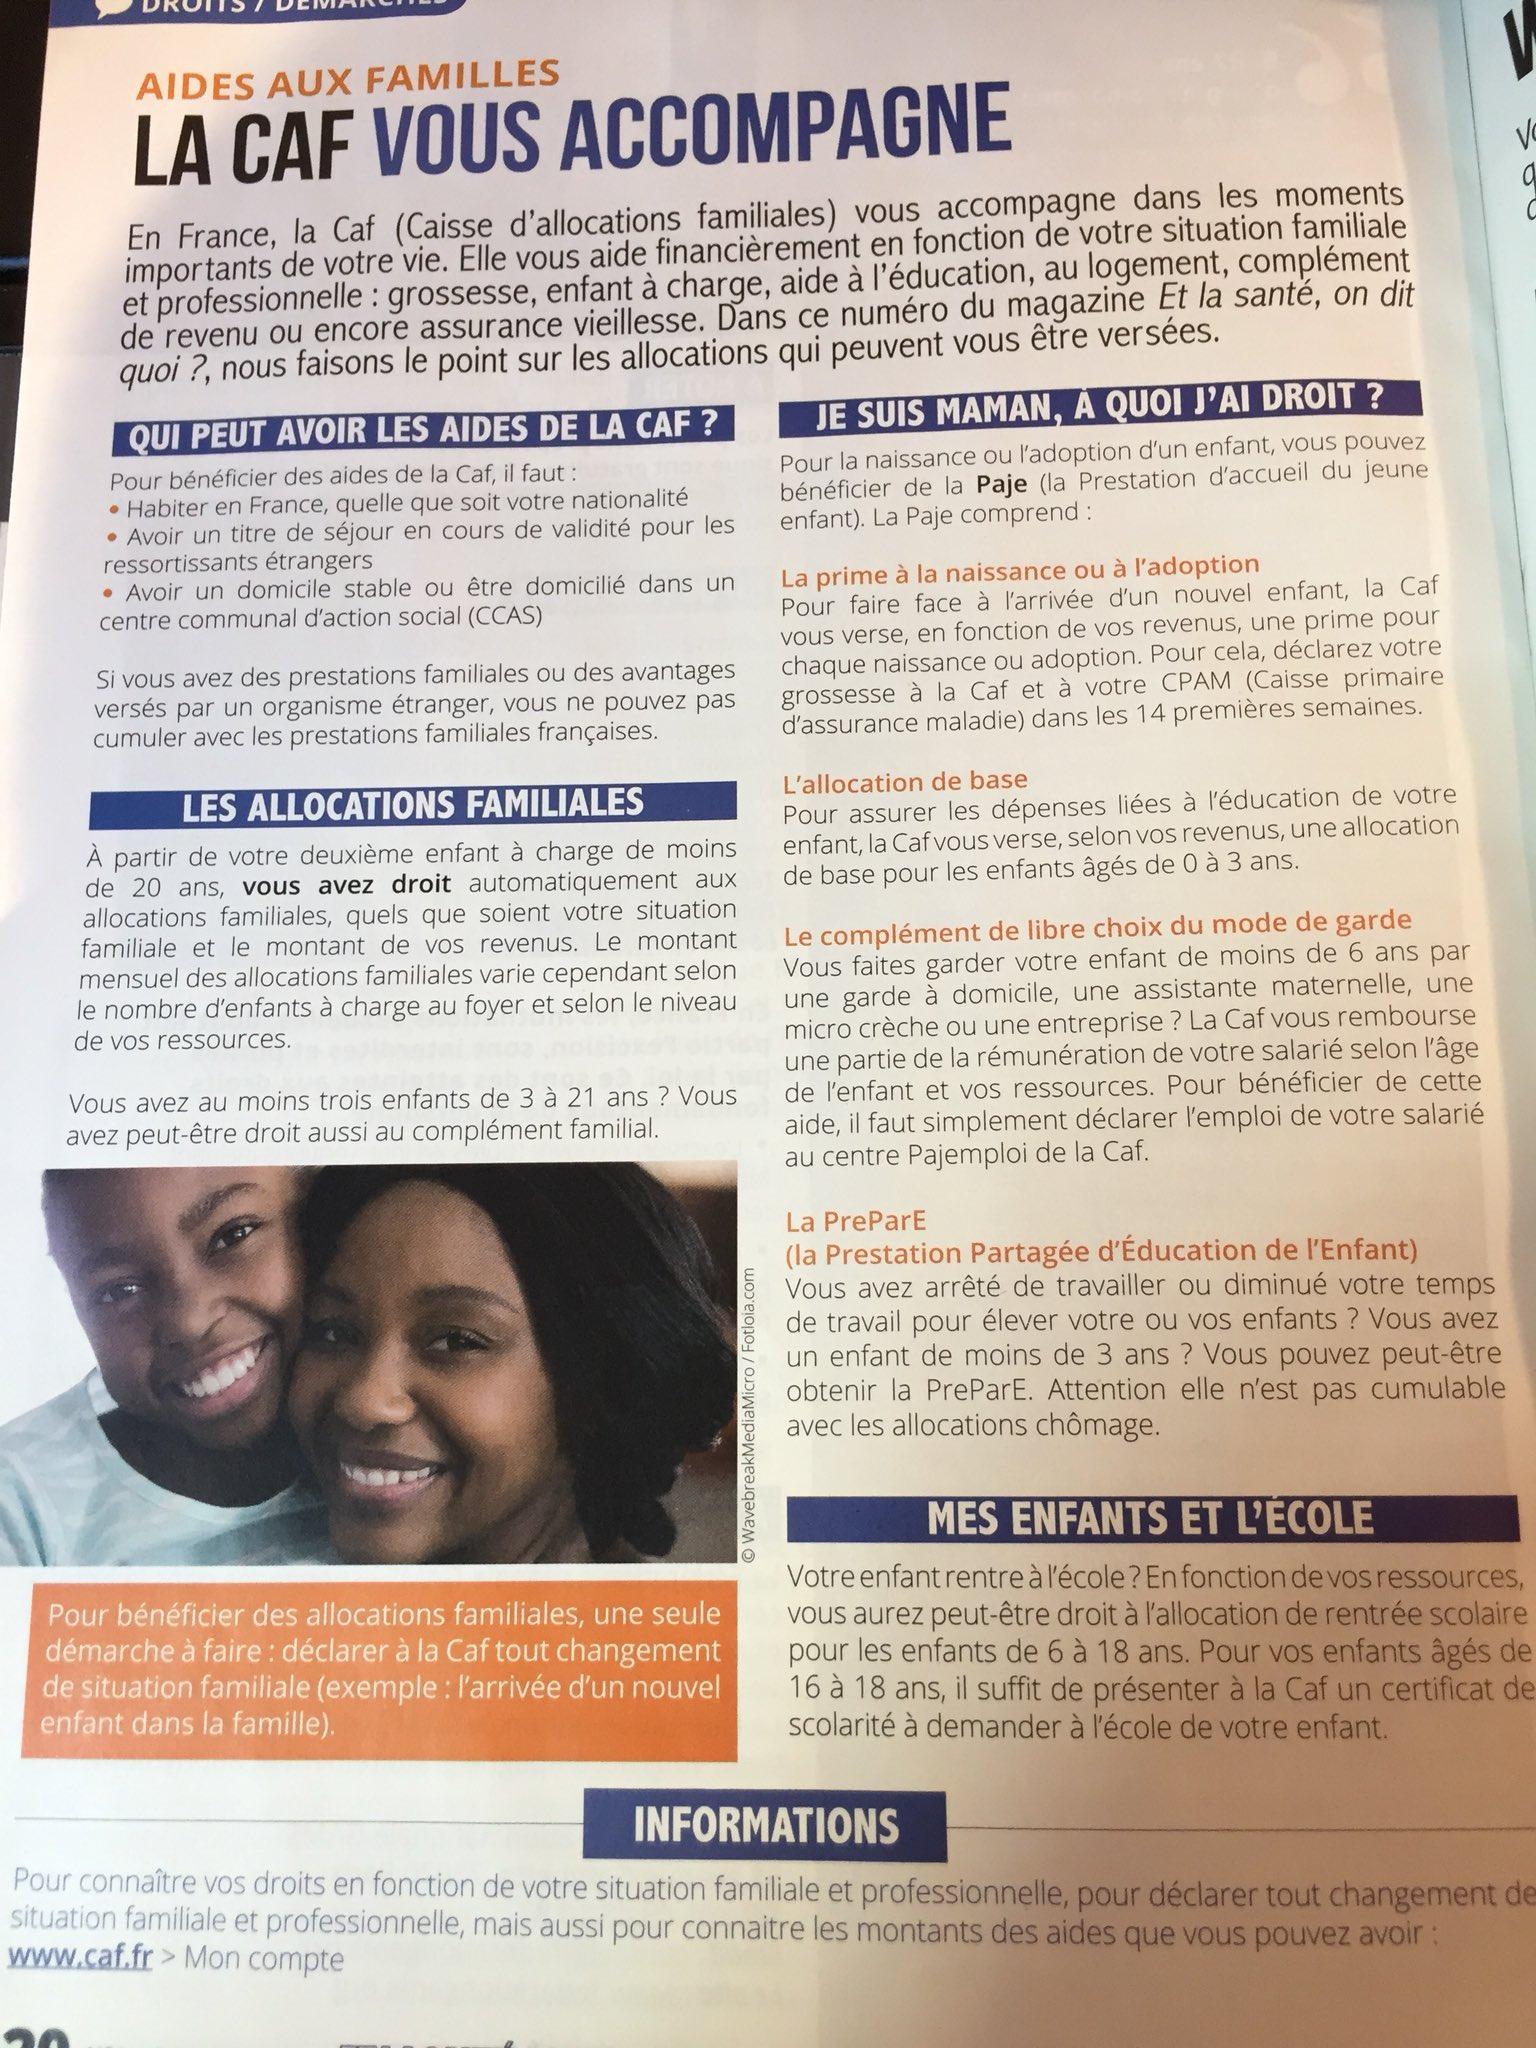 Et La Sante On Dit Quoi L Afro Magazine Gra Reincidium